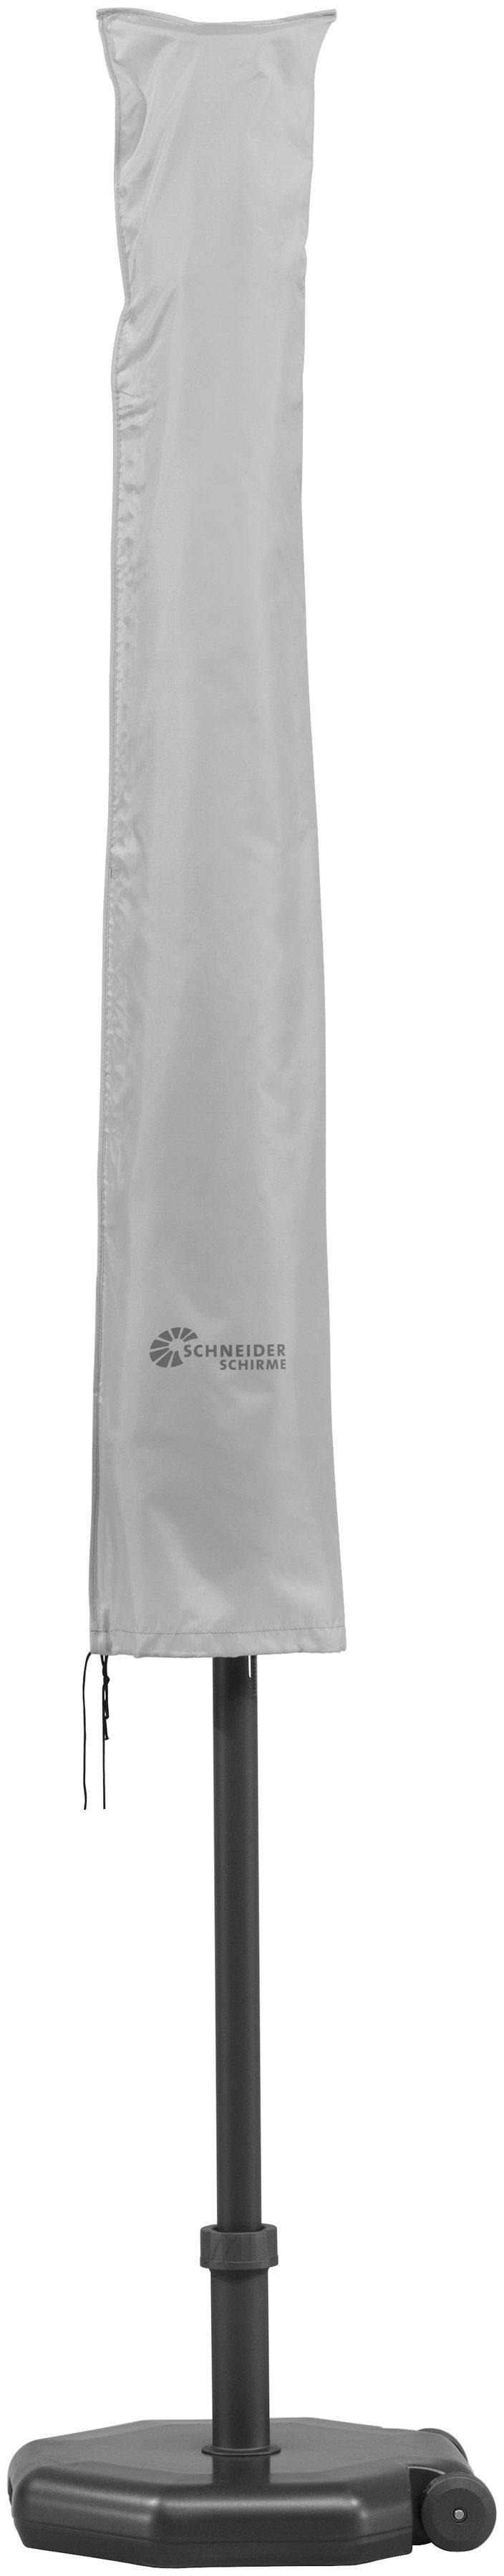 SCHNEIDER SCHIRME Schutzhülle »821-00«, für Schirme bis Ø 300 cm